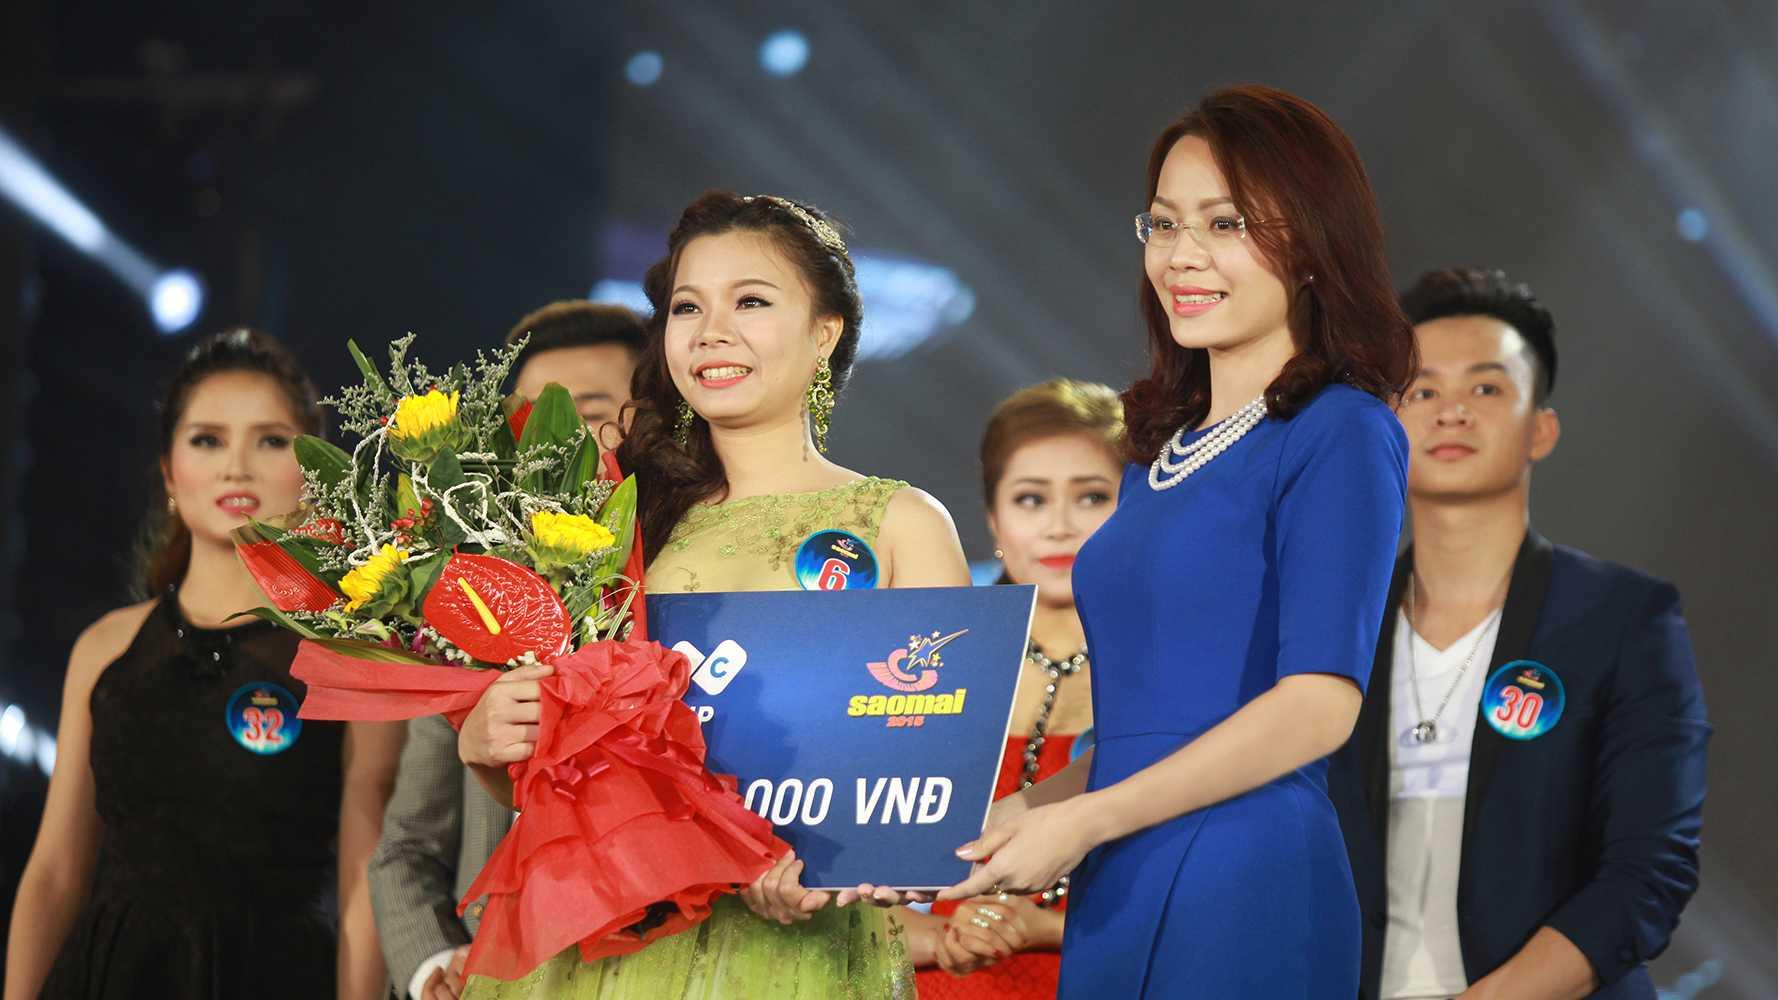 Bà Hương Trần Kiều Dung, Tổng giám đốc Tập đoàn FLC trao thưởng cho thí sinh Lê Thị Dung – thí sinh được khán giả bình chọn nhiều nhất qua tin nhắn. Trong 3 đêm thi trước, Tập đoàn FLC cũng đã trao 3 giải thưởng, mỗi giải trị giá 10.000.000 VNĐ cho những thí sinh được bình chọn nhiều nhất trong các đêm thi.